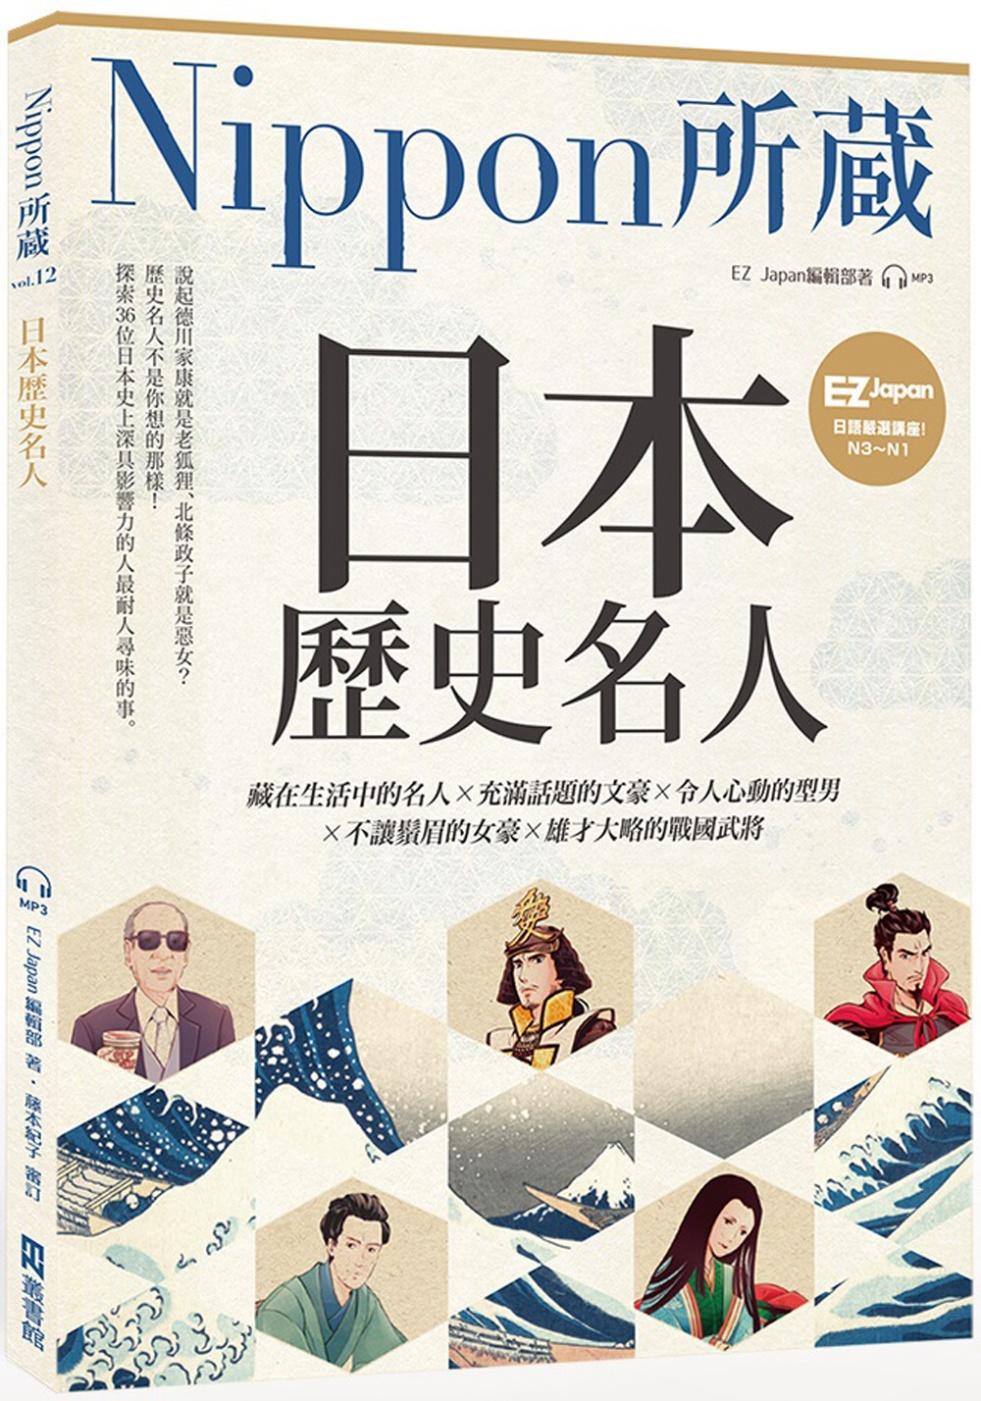 日本歷史名人:Nippon所藏日語嚴選講座(1書1雲端音檔)